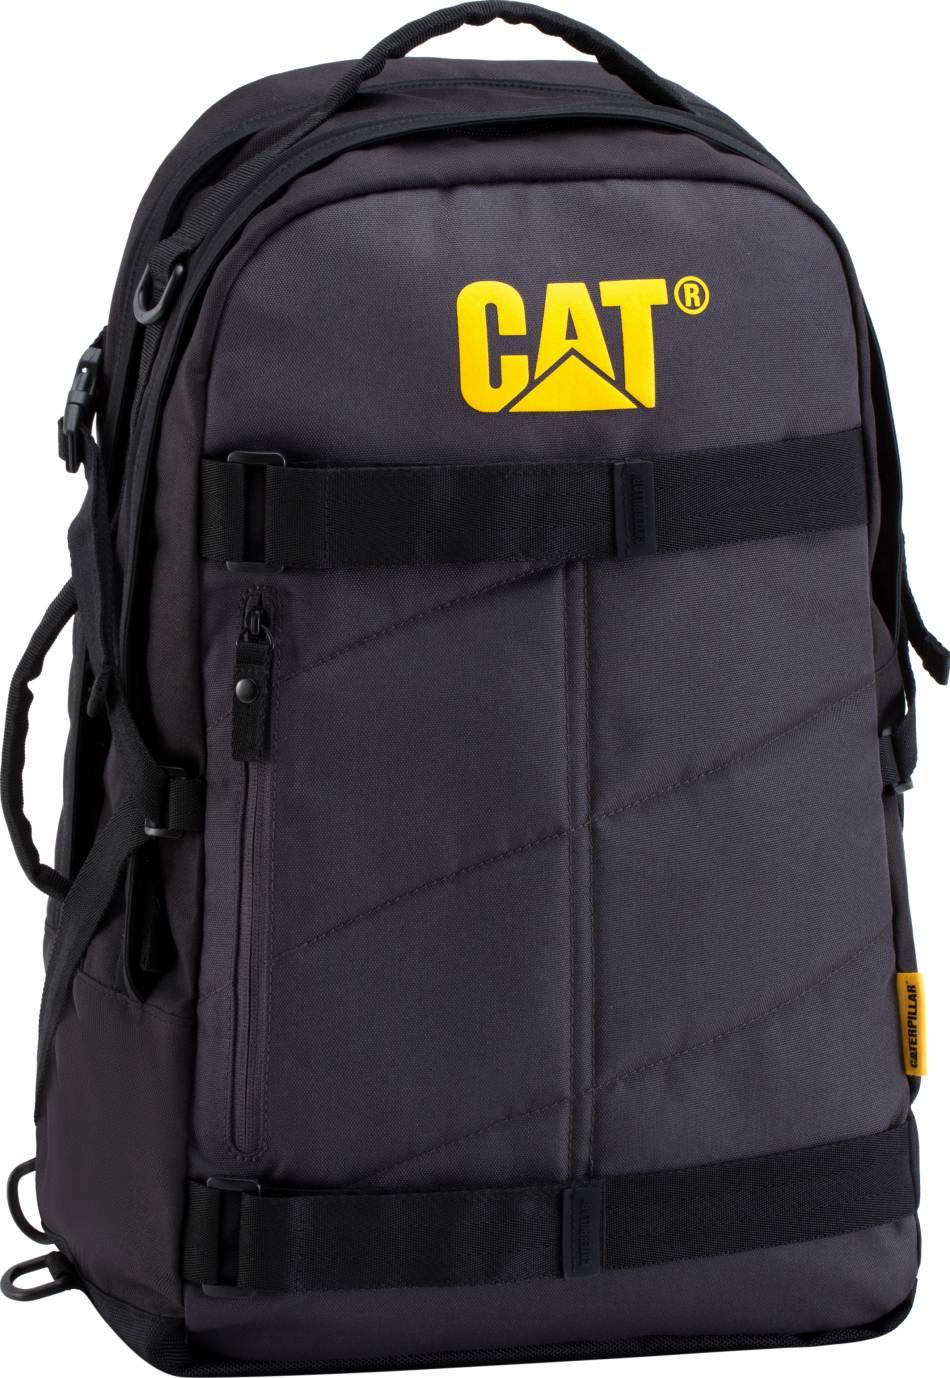 Рюкзак cat bryan рюкзак школьный tiger friend